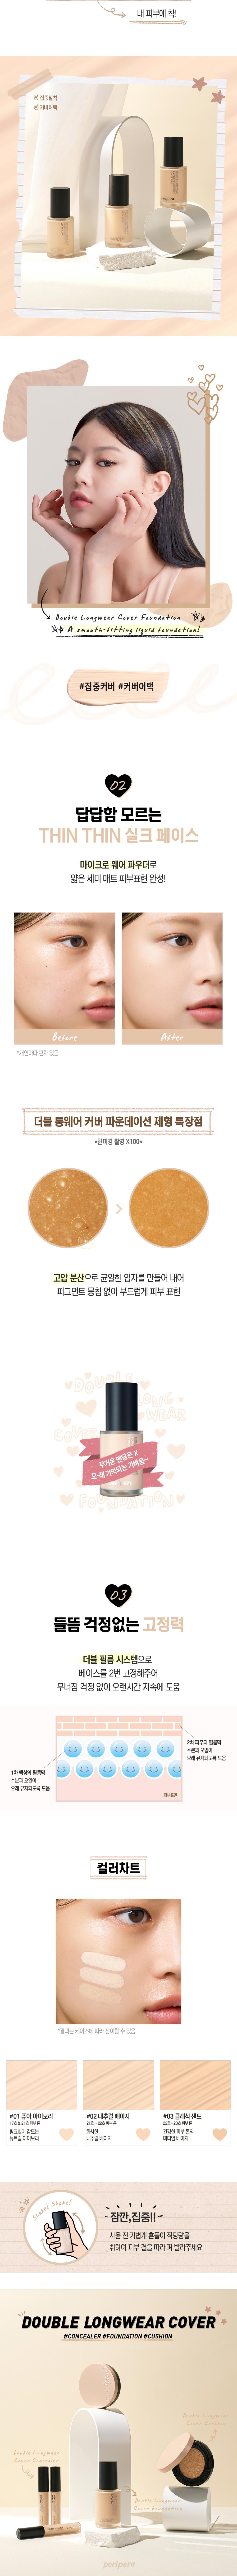 accessories cream color image-S1L2